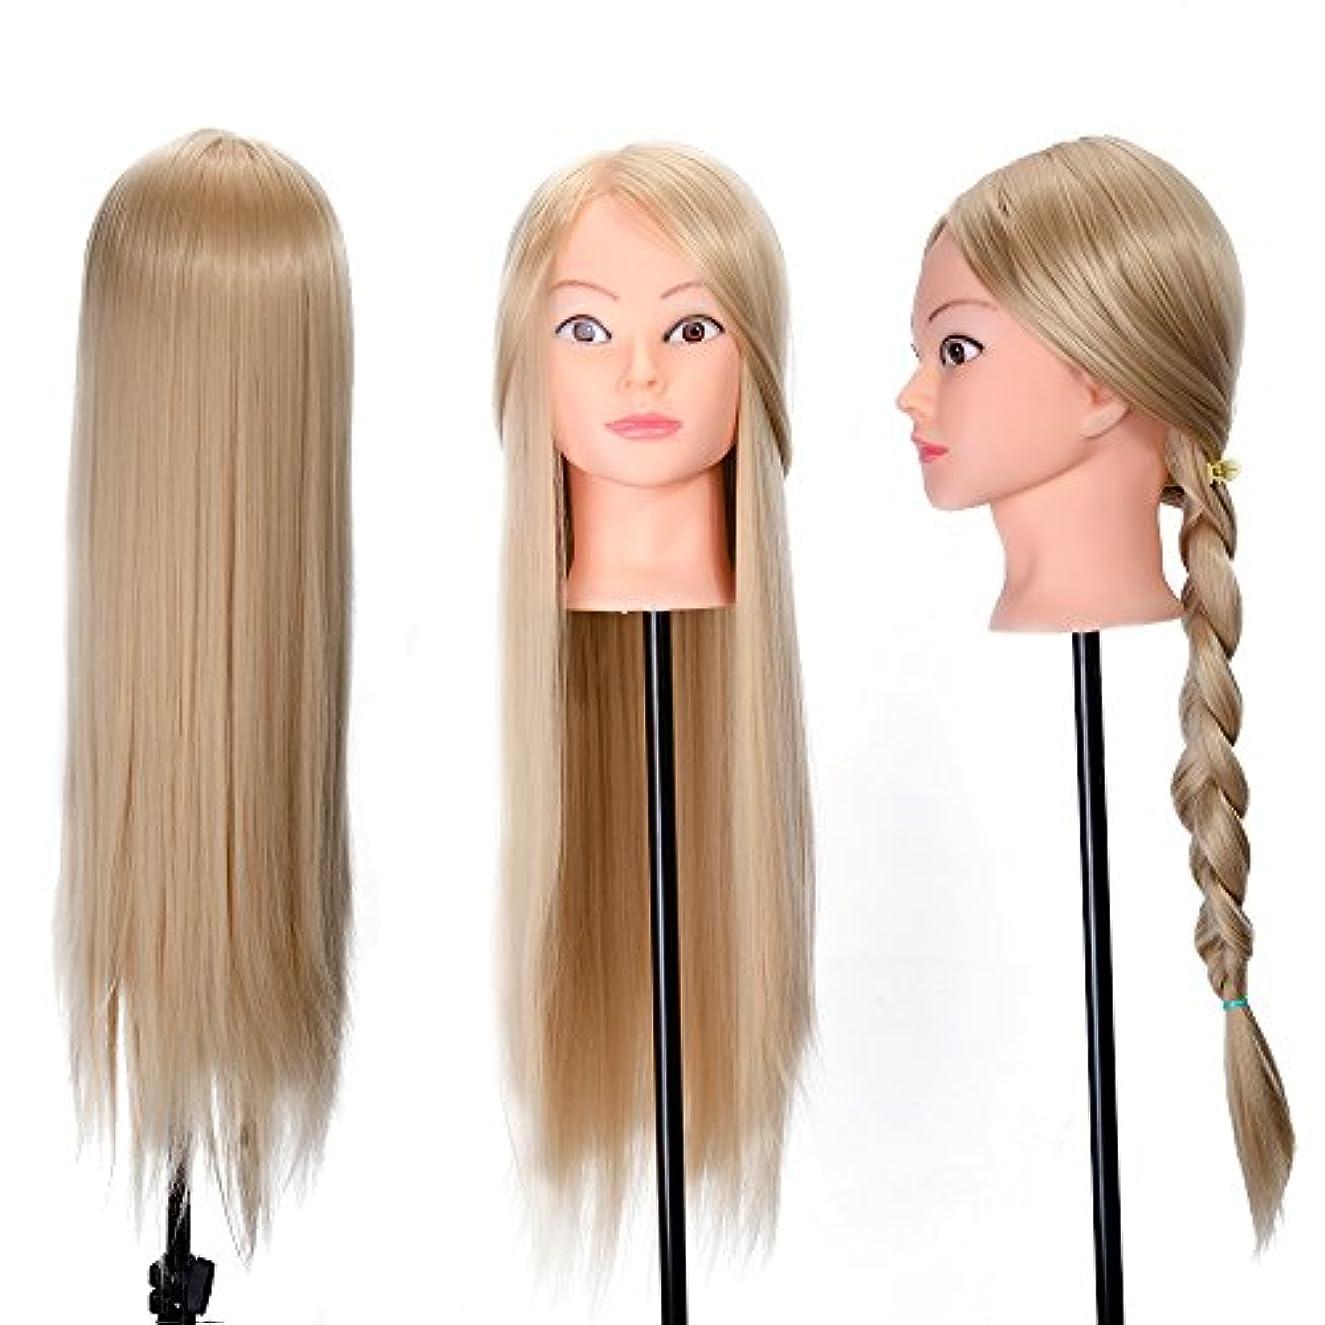 チェリートロピカルやめる26インチトレーニングヘッドヘア編組モデルヘアスタイル人形でテーブルクランプサロンスタイリングデザインマネキンダミーヘッド